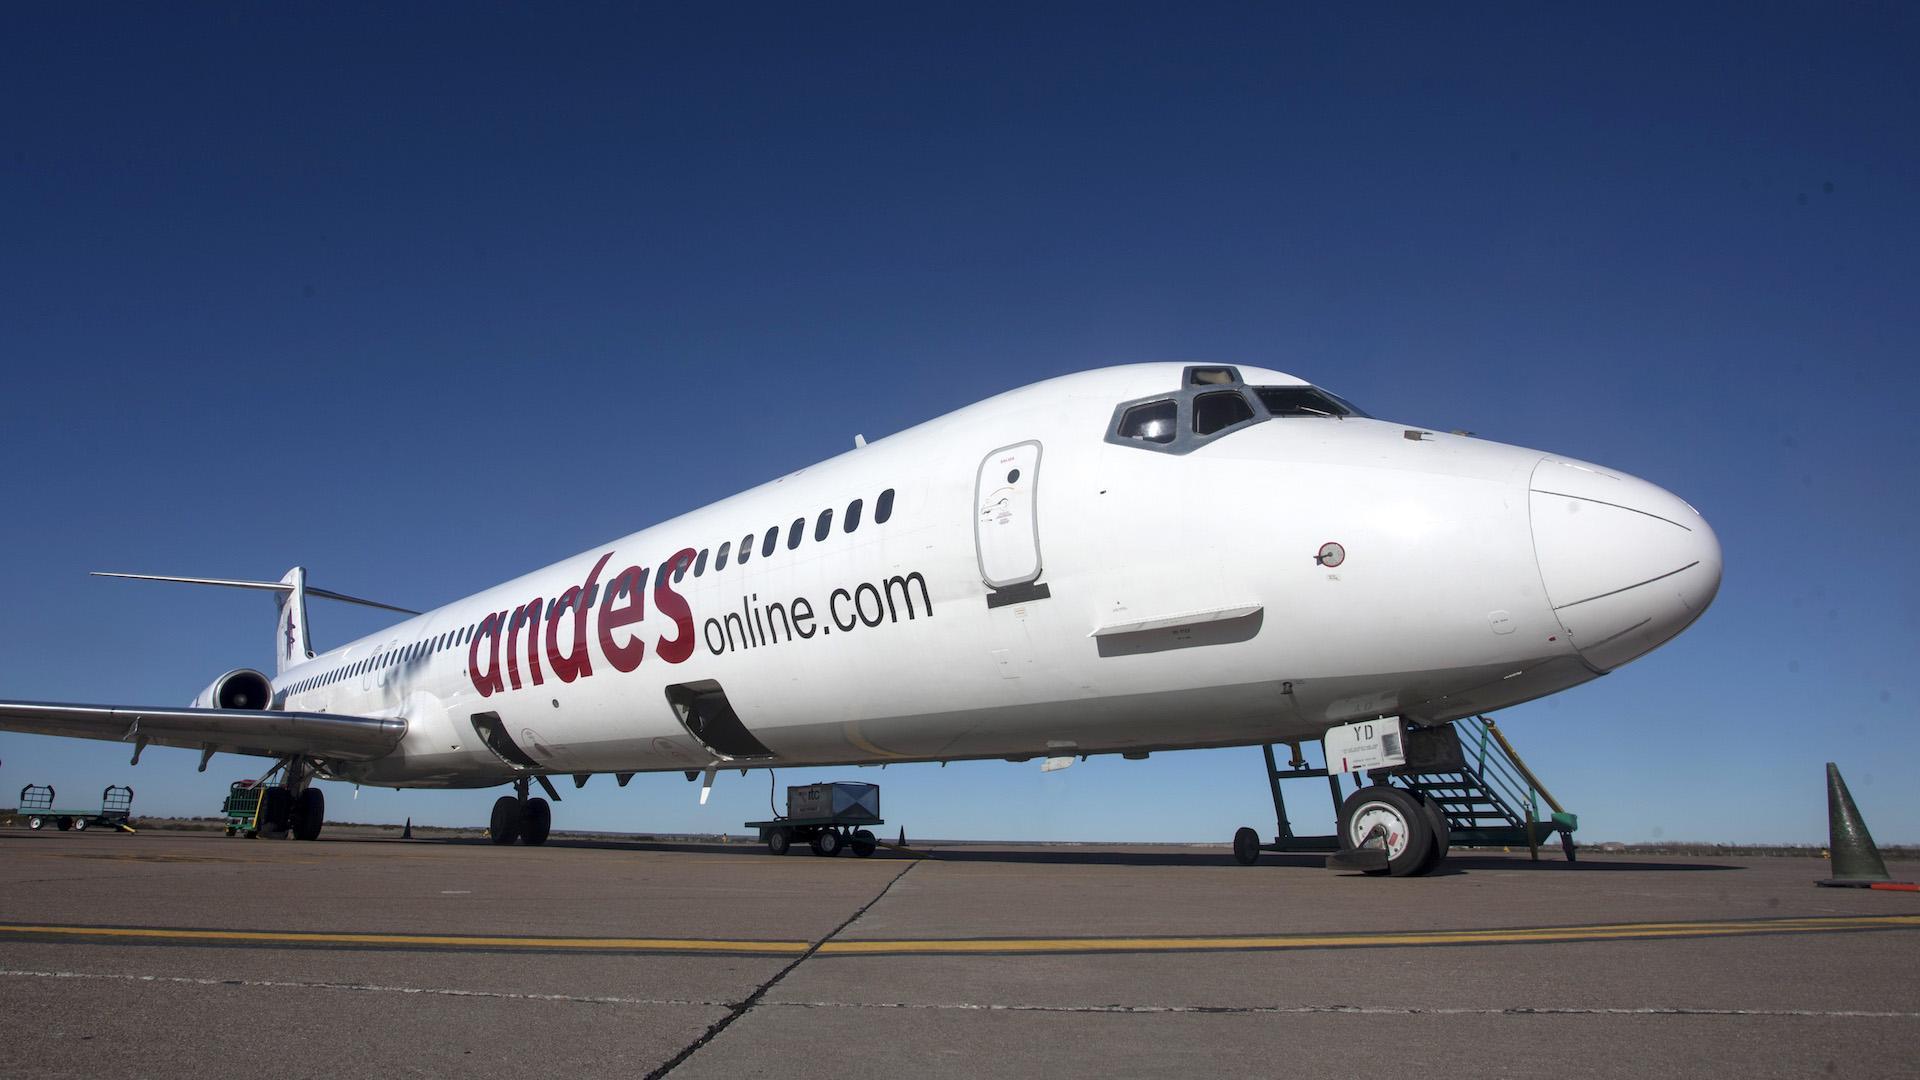 La aerolínea Andes lanza ofertas en Argentina con pasajes a precio de micro